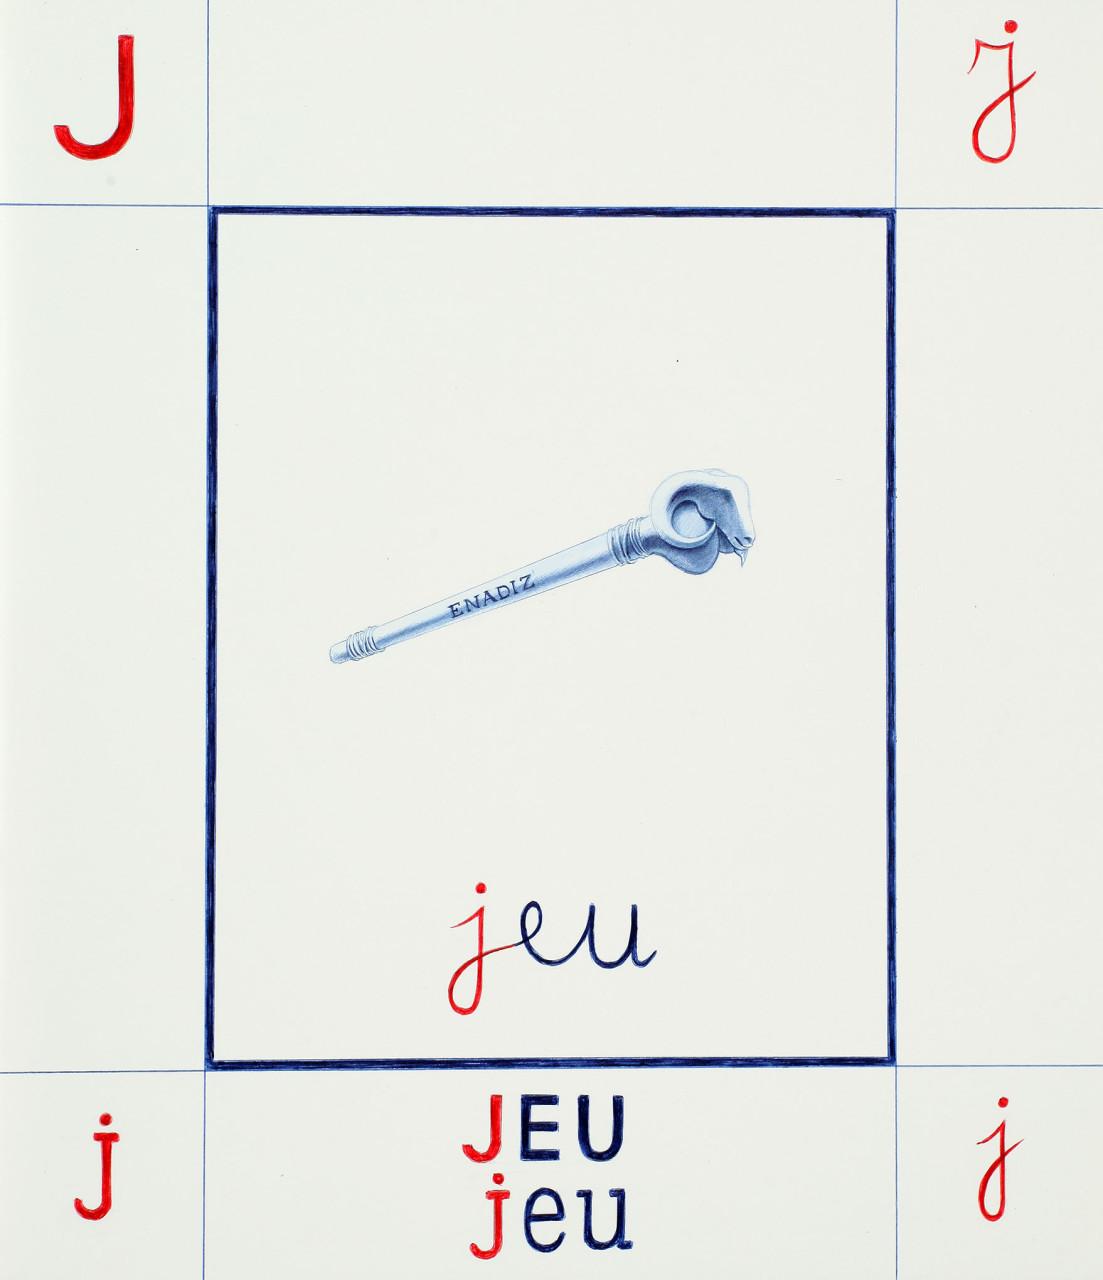 01J.jeu_bassa